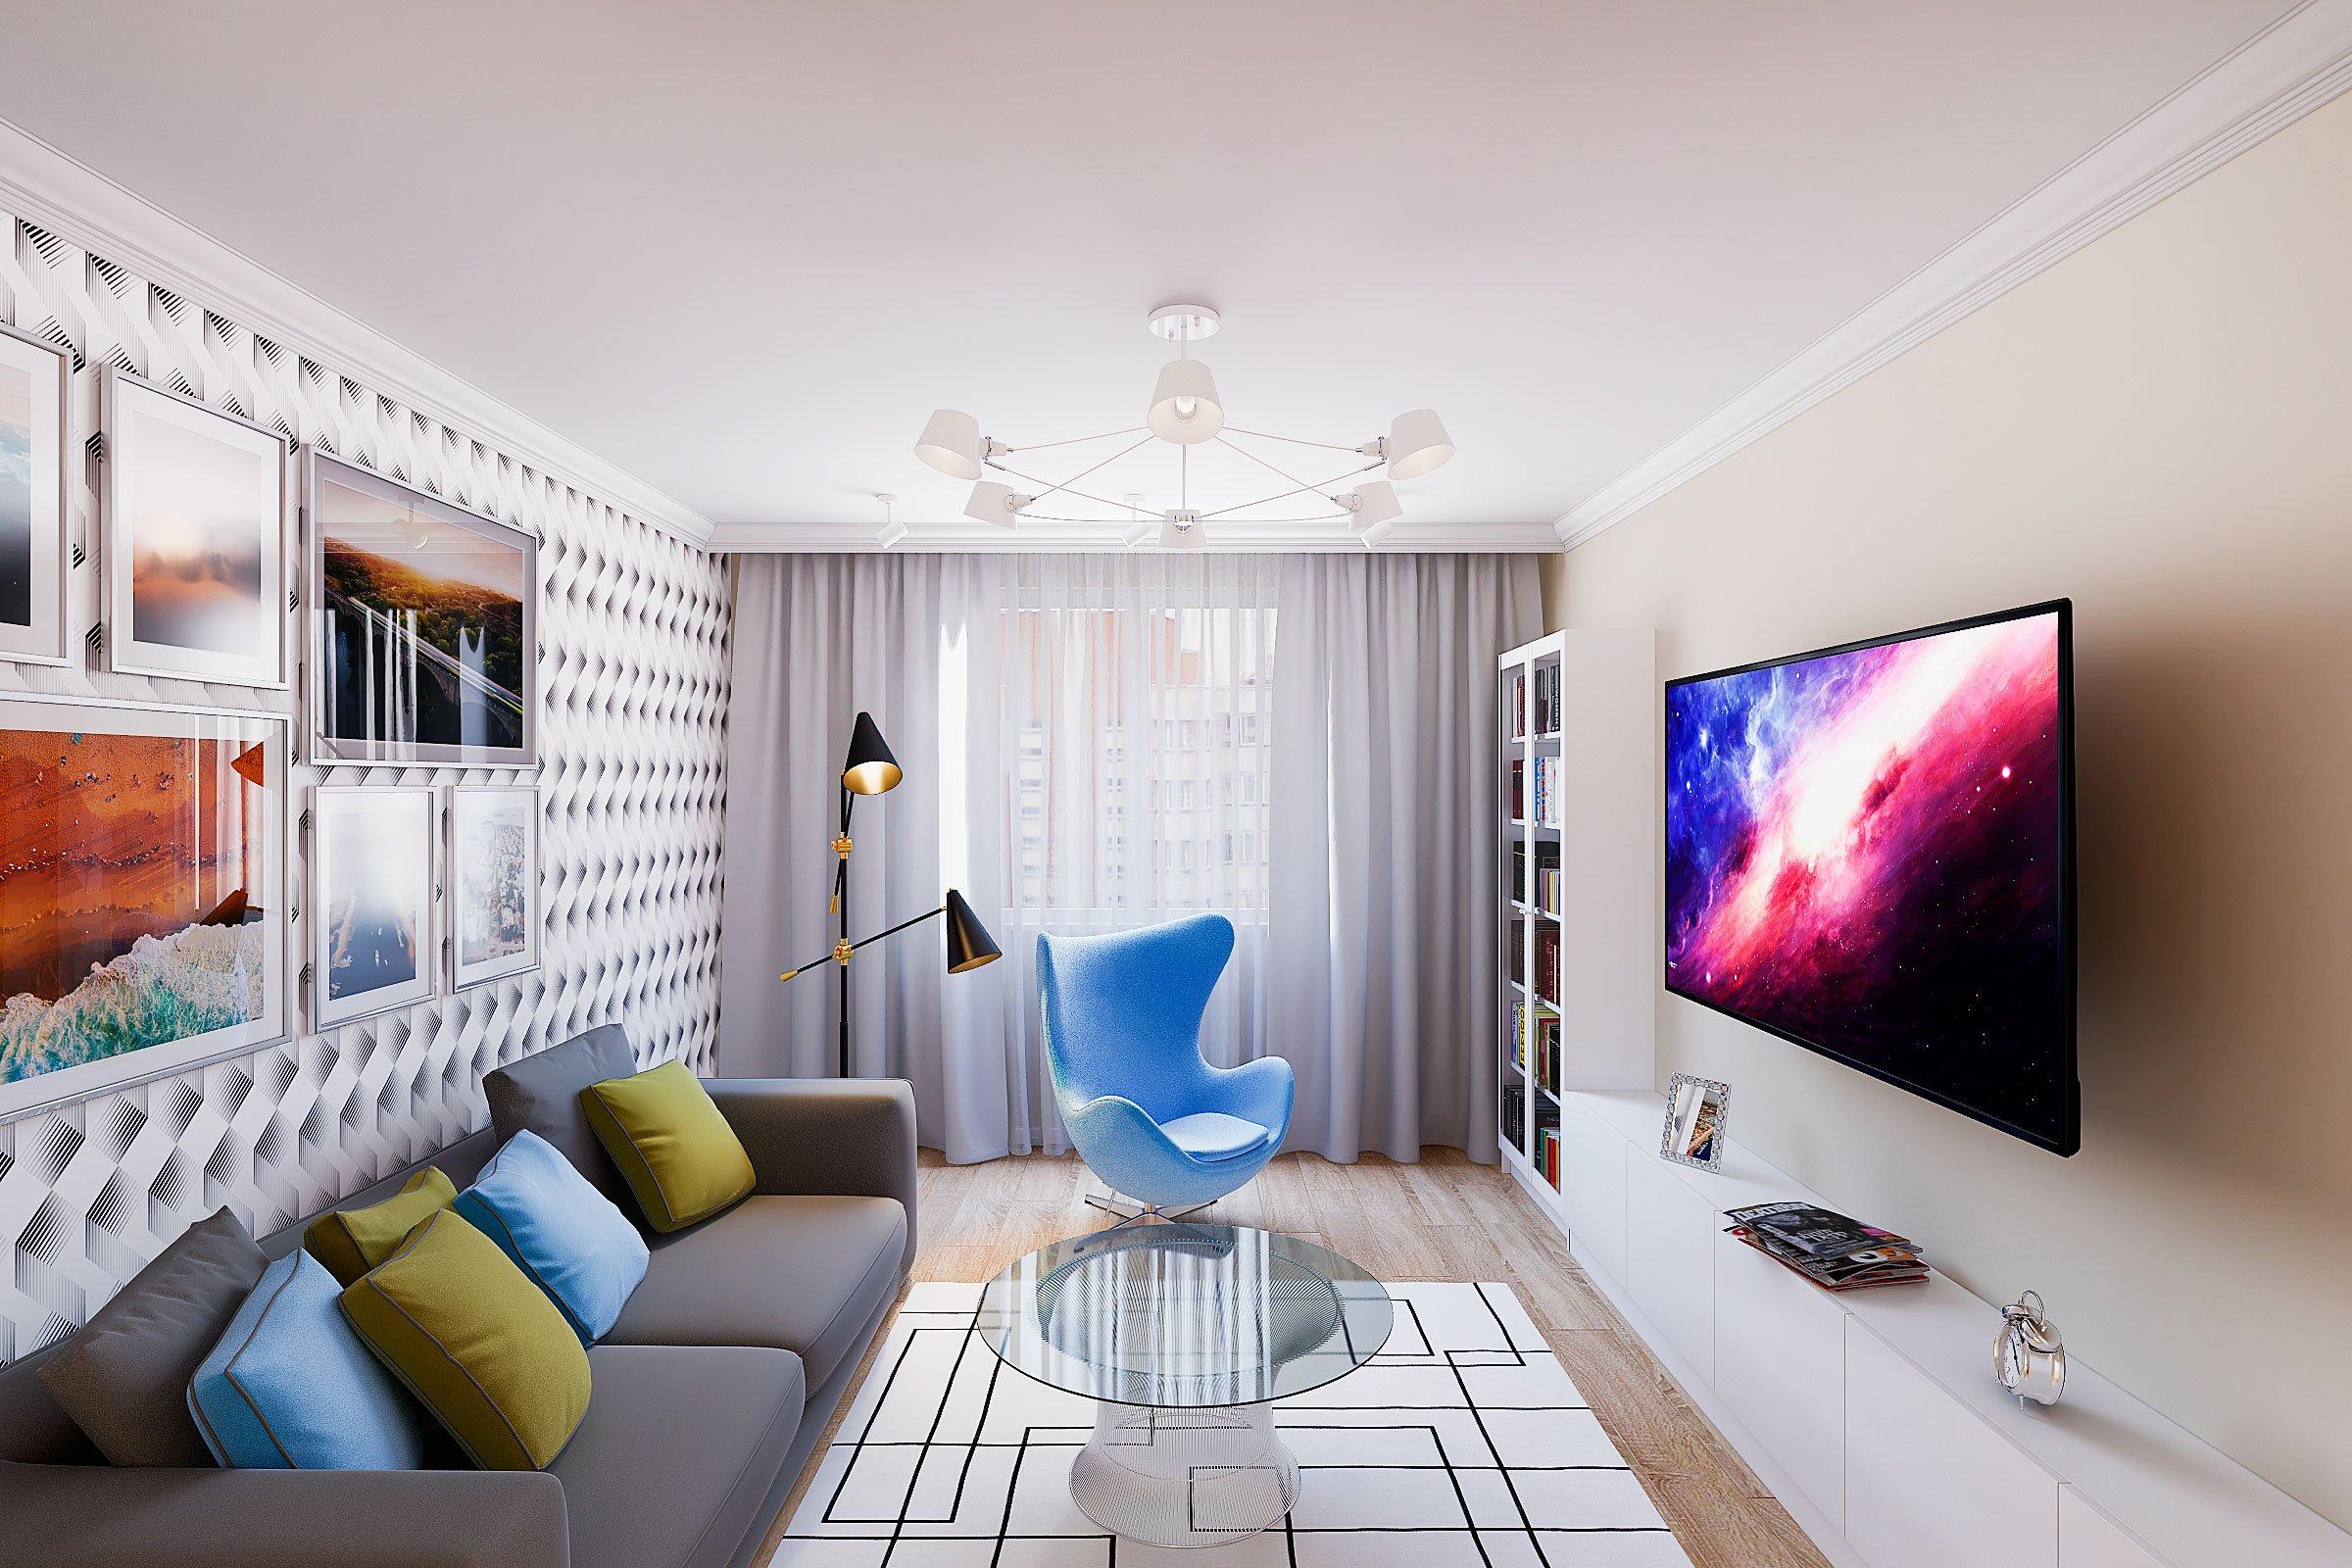 2018, Гостиная, серый диван, шкаф витрина икеа Билли, люстра для низкого потолка, изображение №6, Дизайн интерьера в Гомеле - частный дизайнер Сергей Карпенко